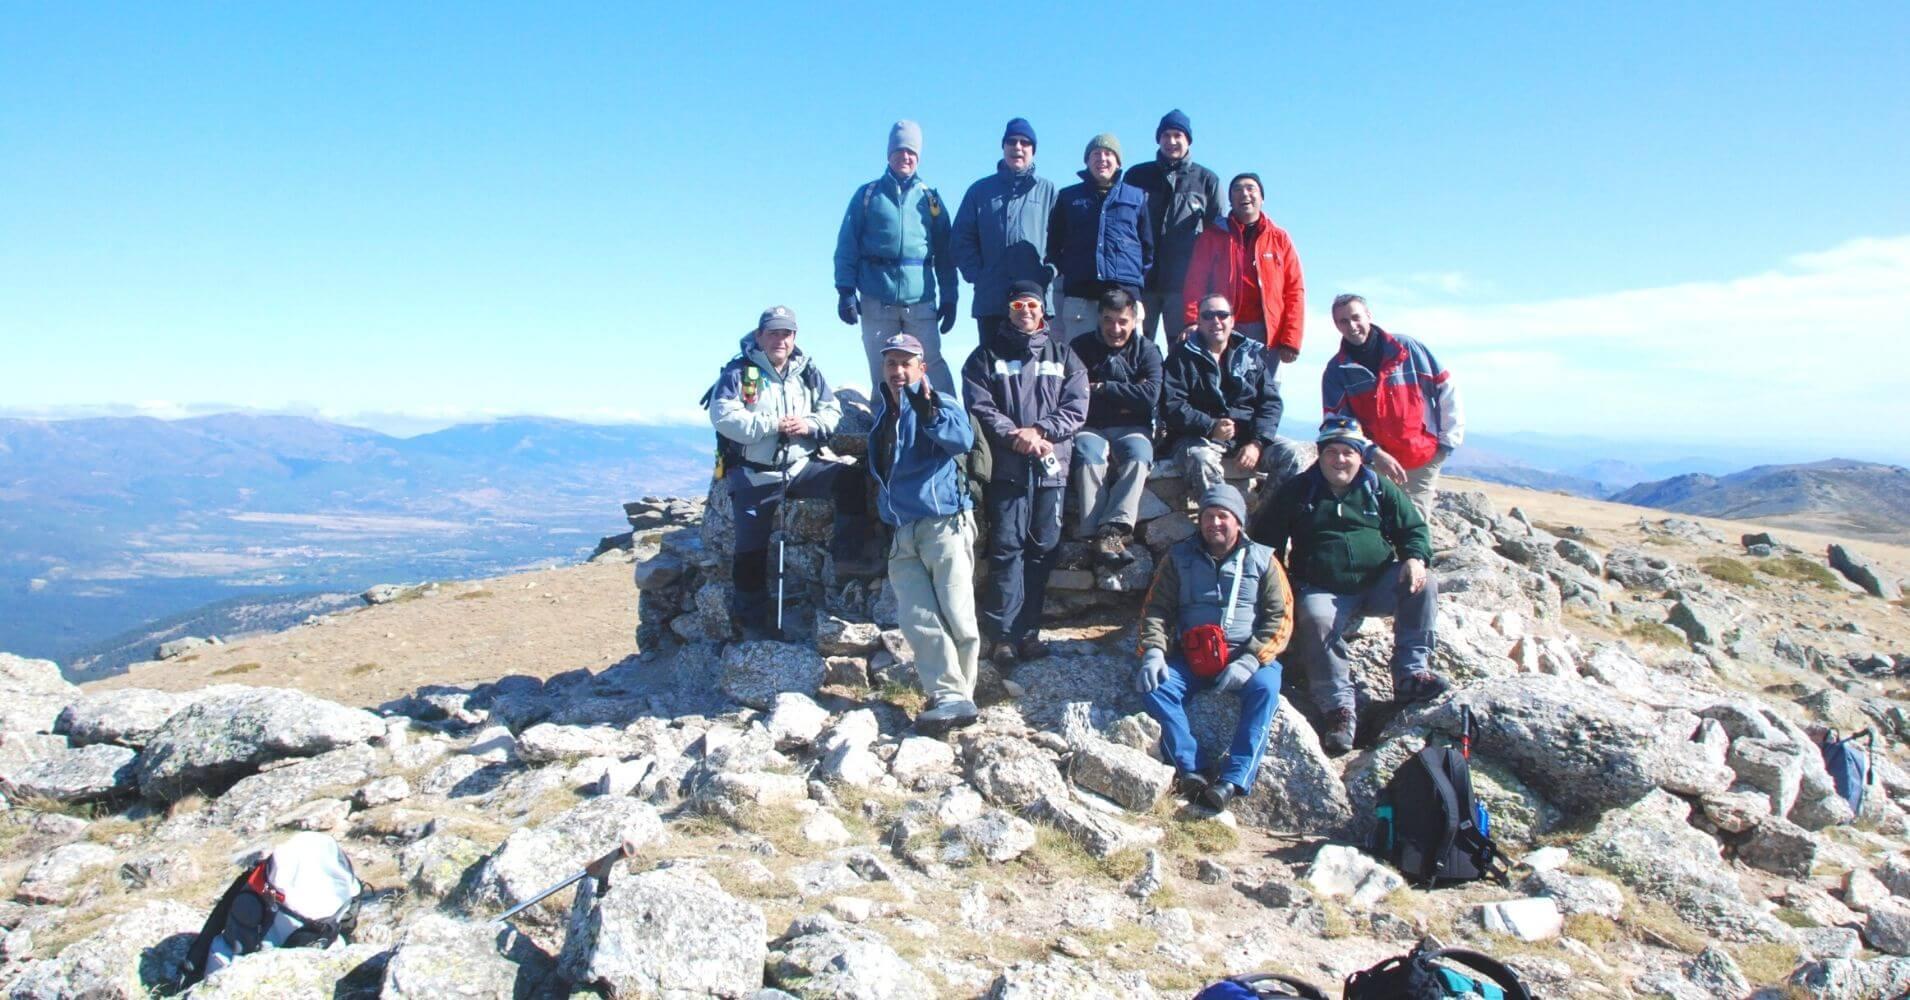 Cumbre de Cabeza de Hierro Mayor. Cuerda Larga. Comunidad de Madrid.